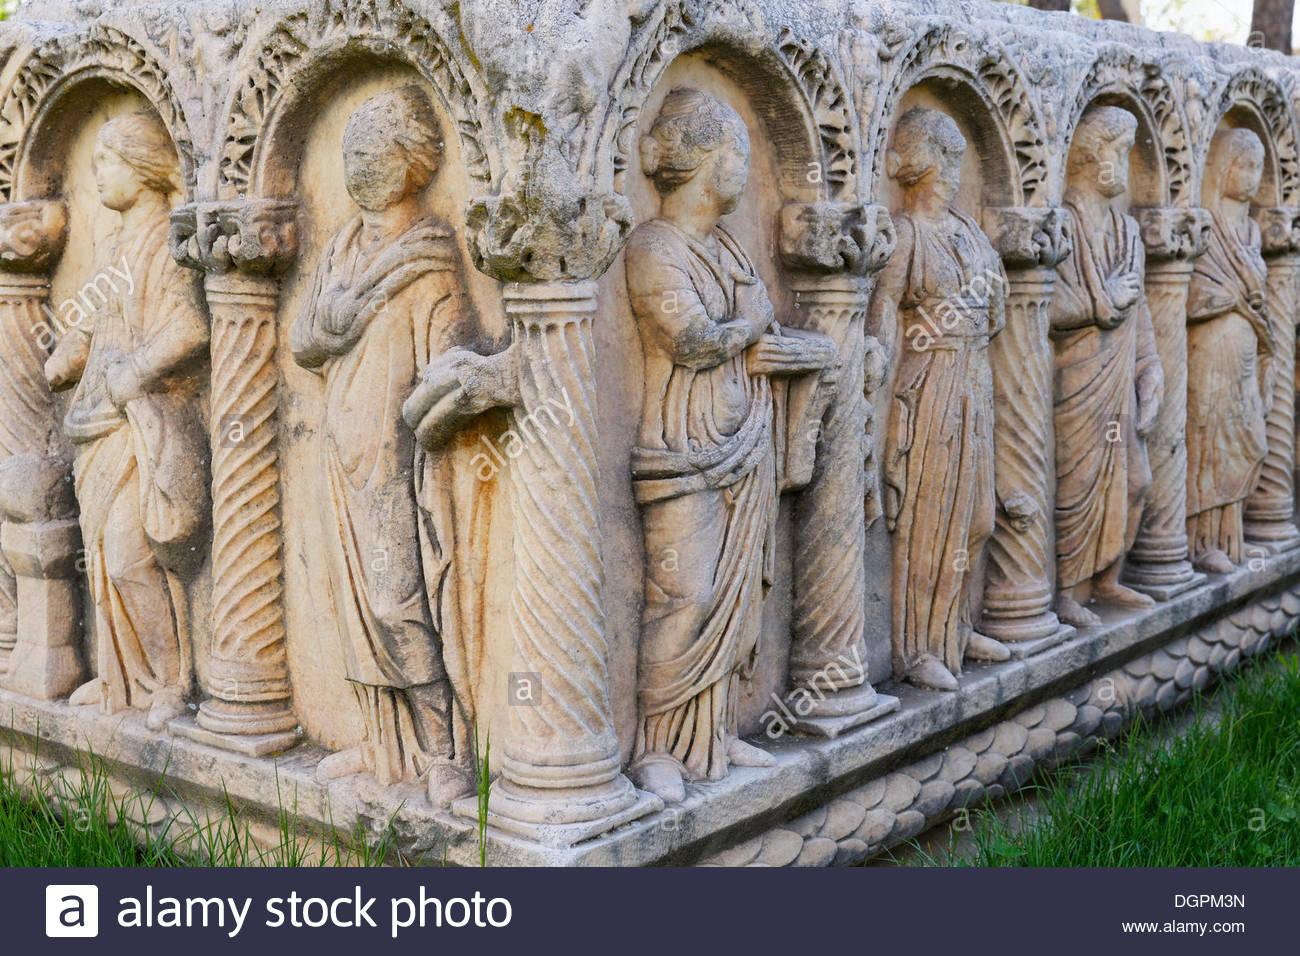 Ancient Sarcophagus Stock Photos & Ancient Sarcophagus Stock.